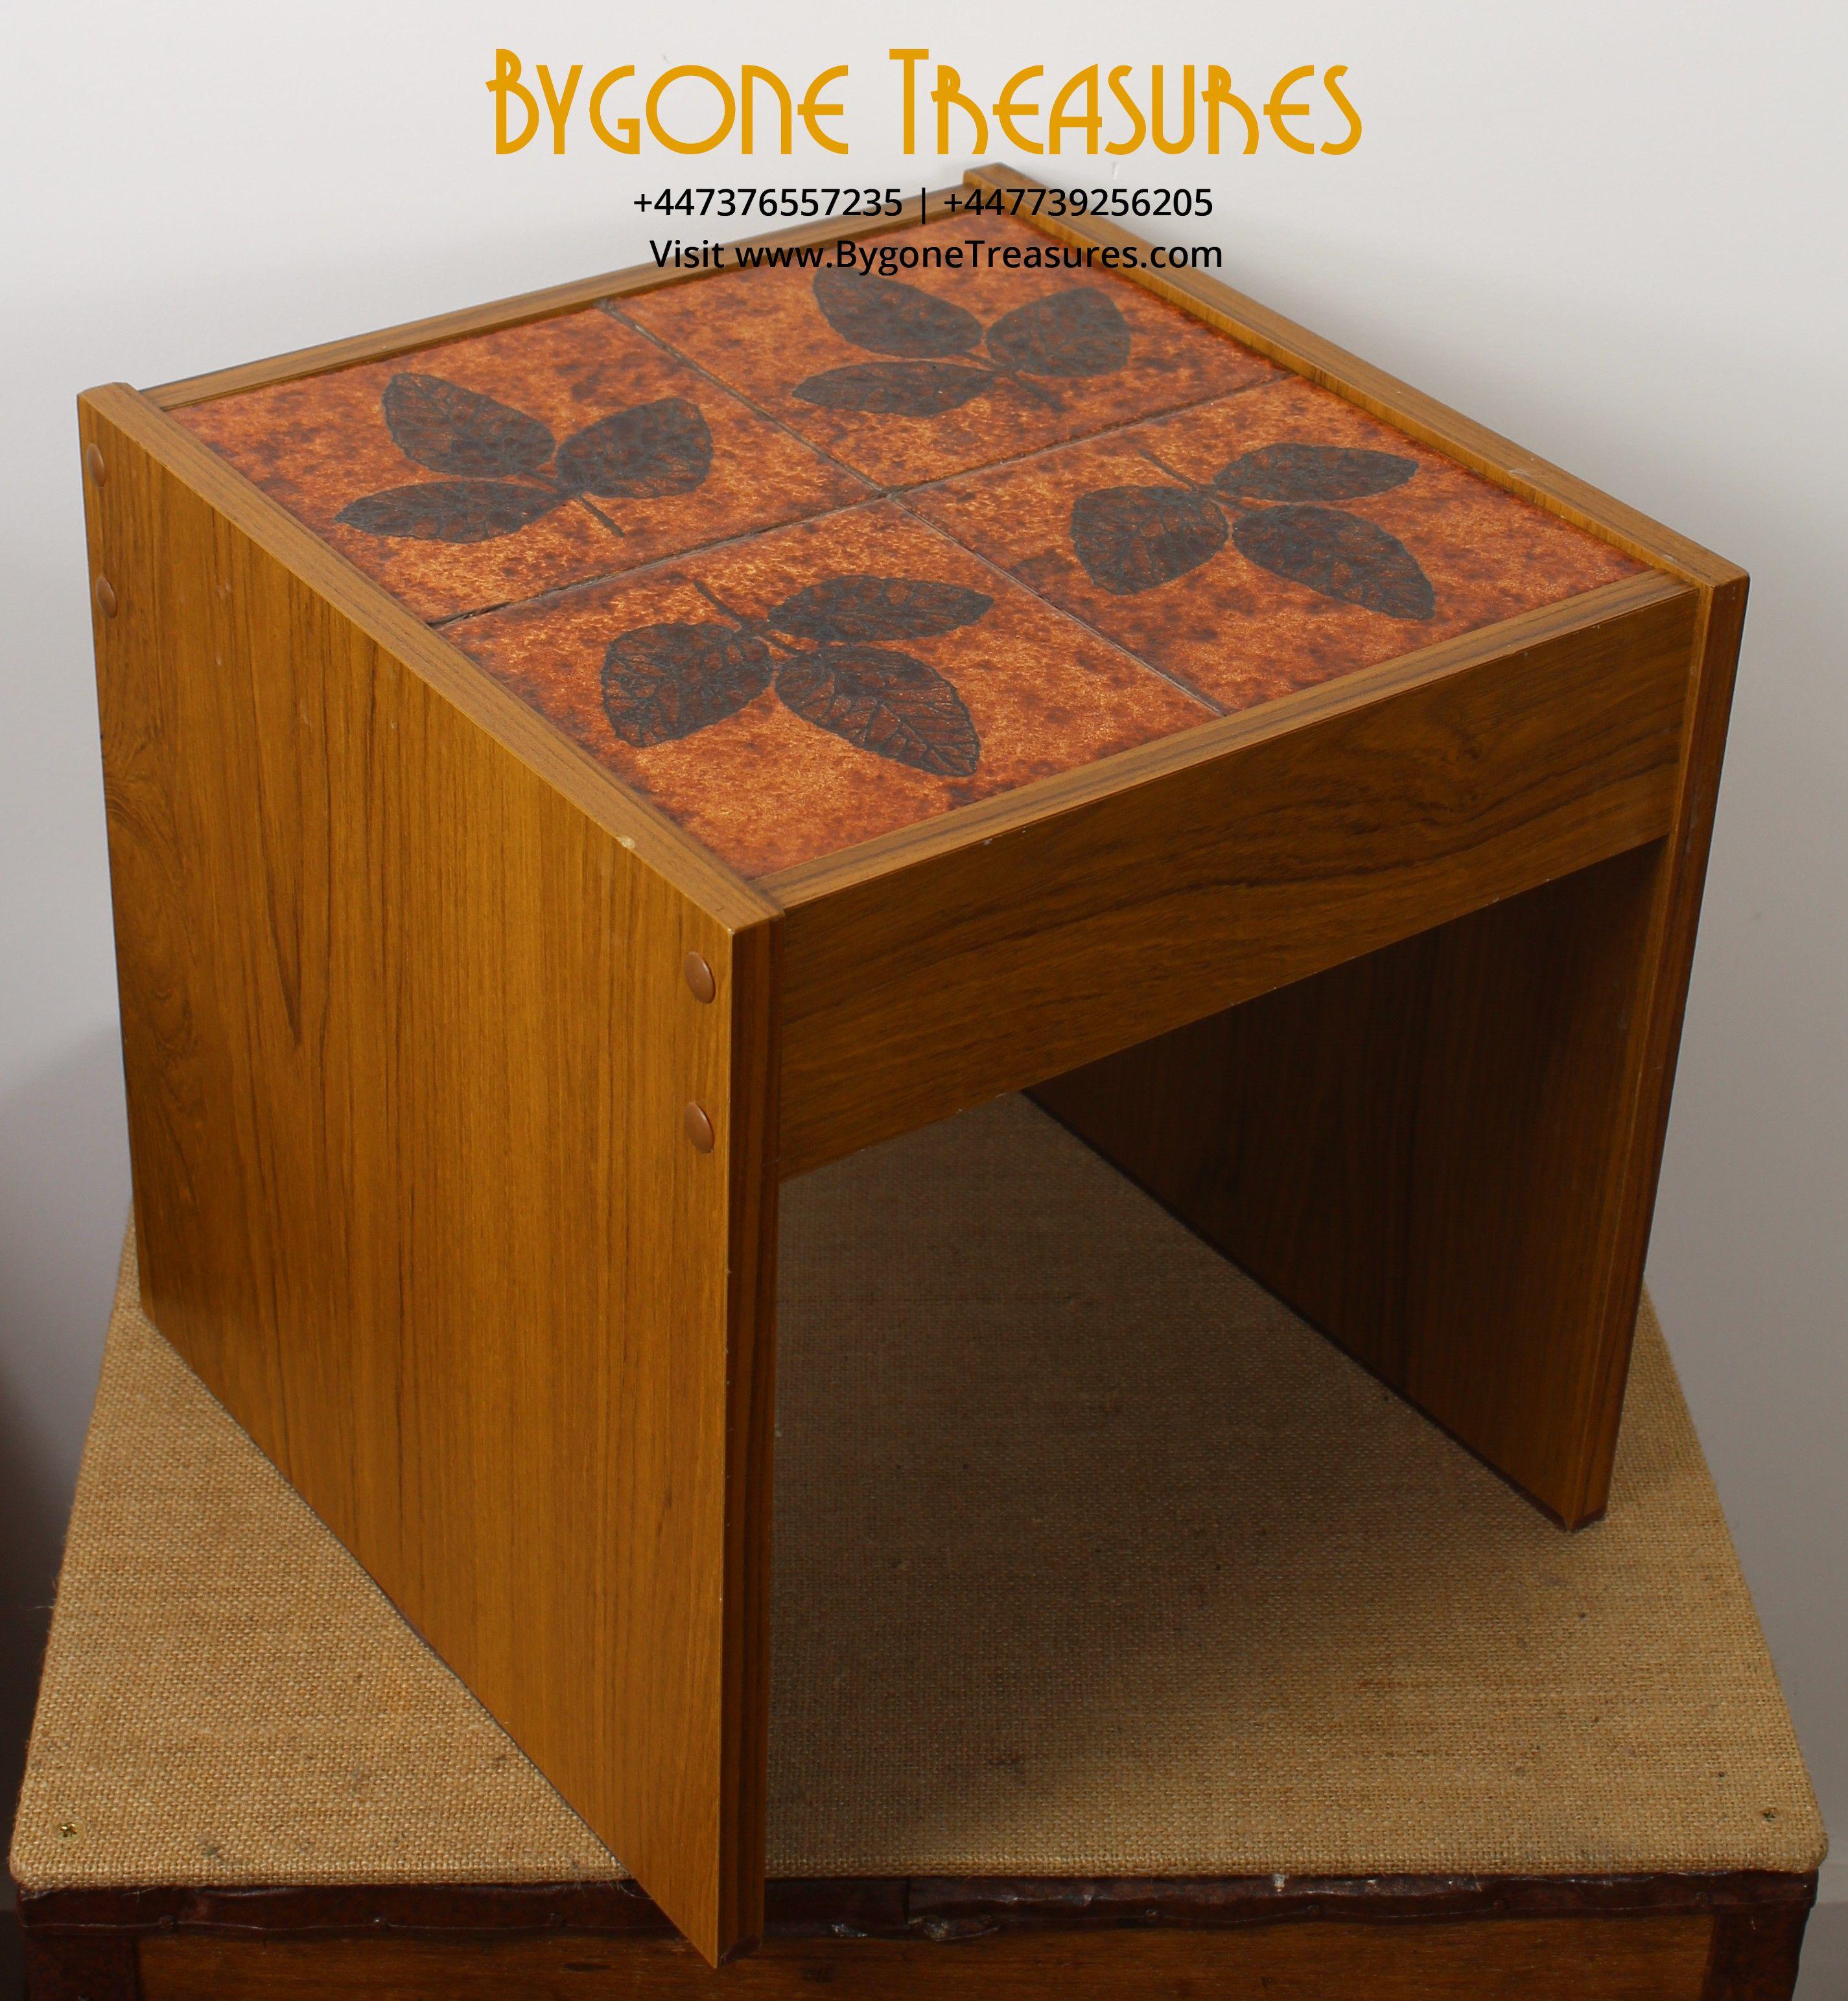 1970's Tiled Table – Floral Leaf Design (1)